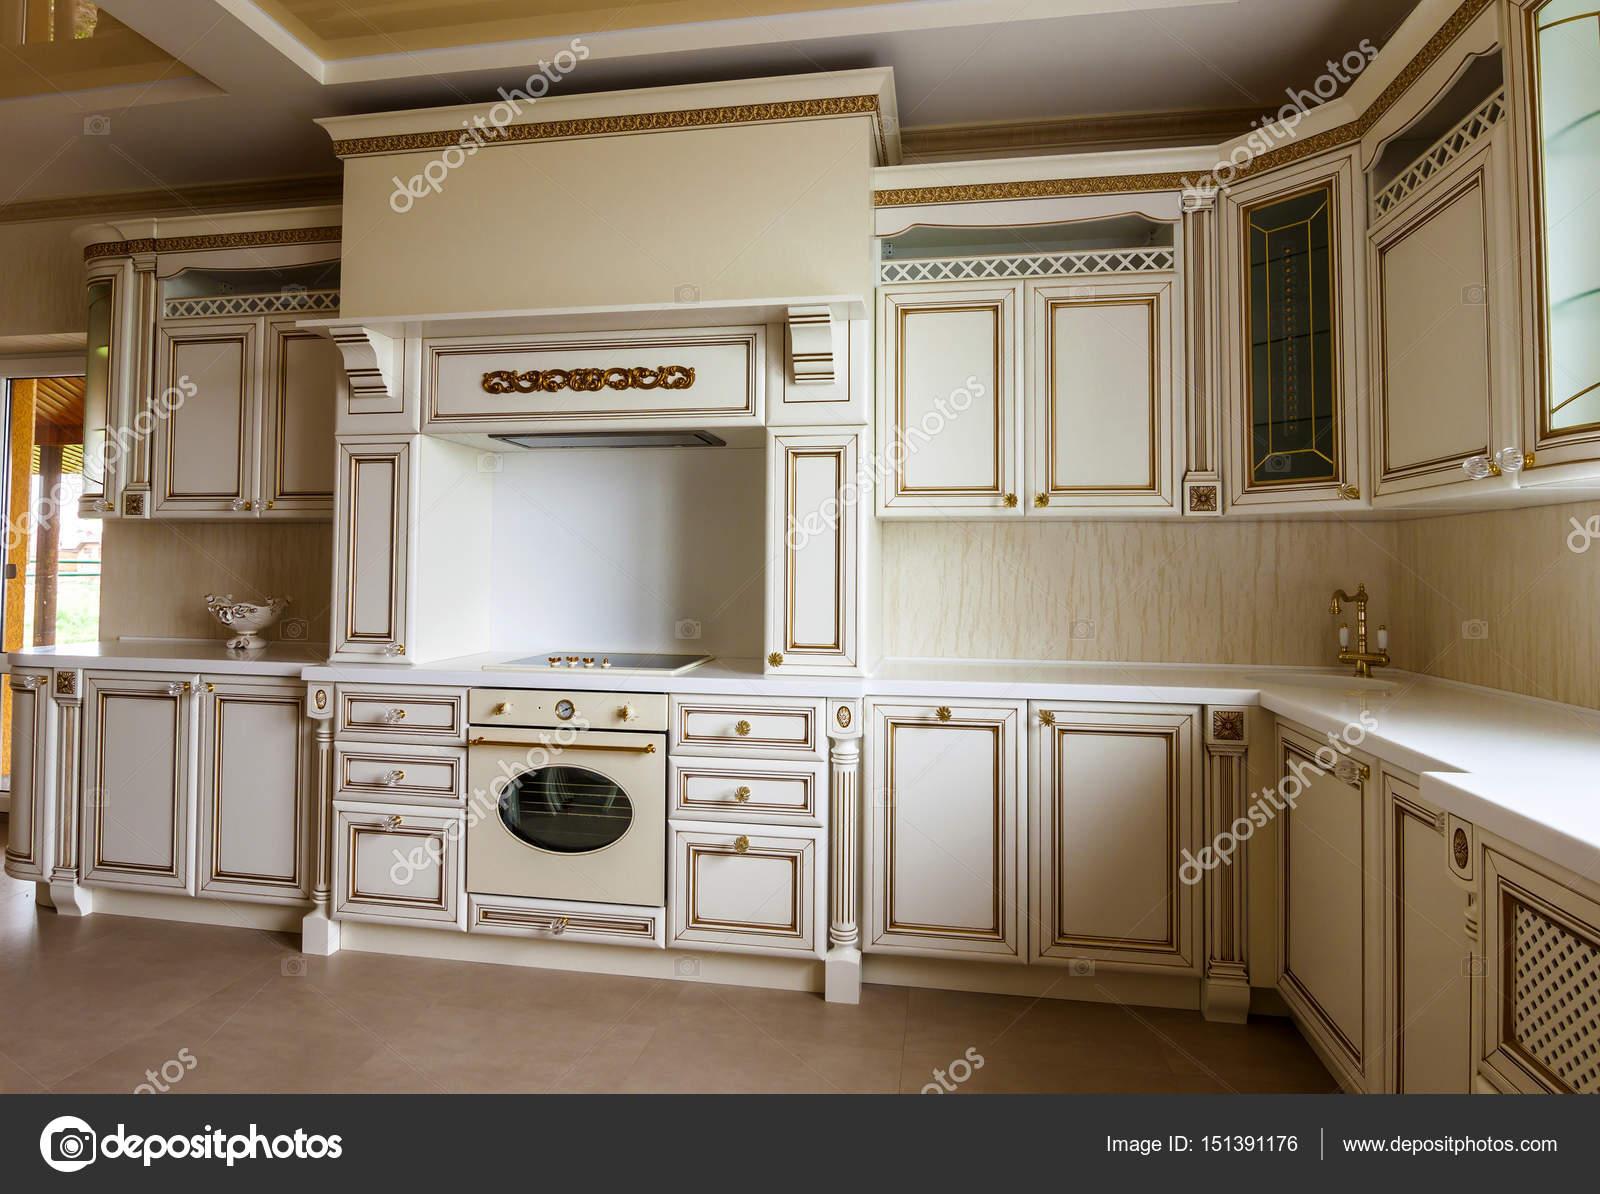 Luxuriöse moderne Einbauküche Interieur. Küche in Luxus zu ...